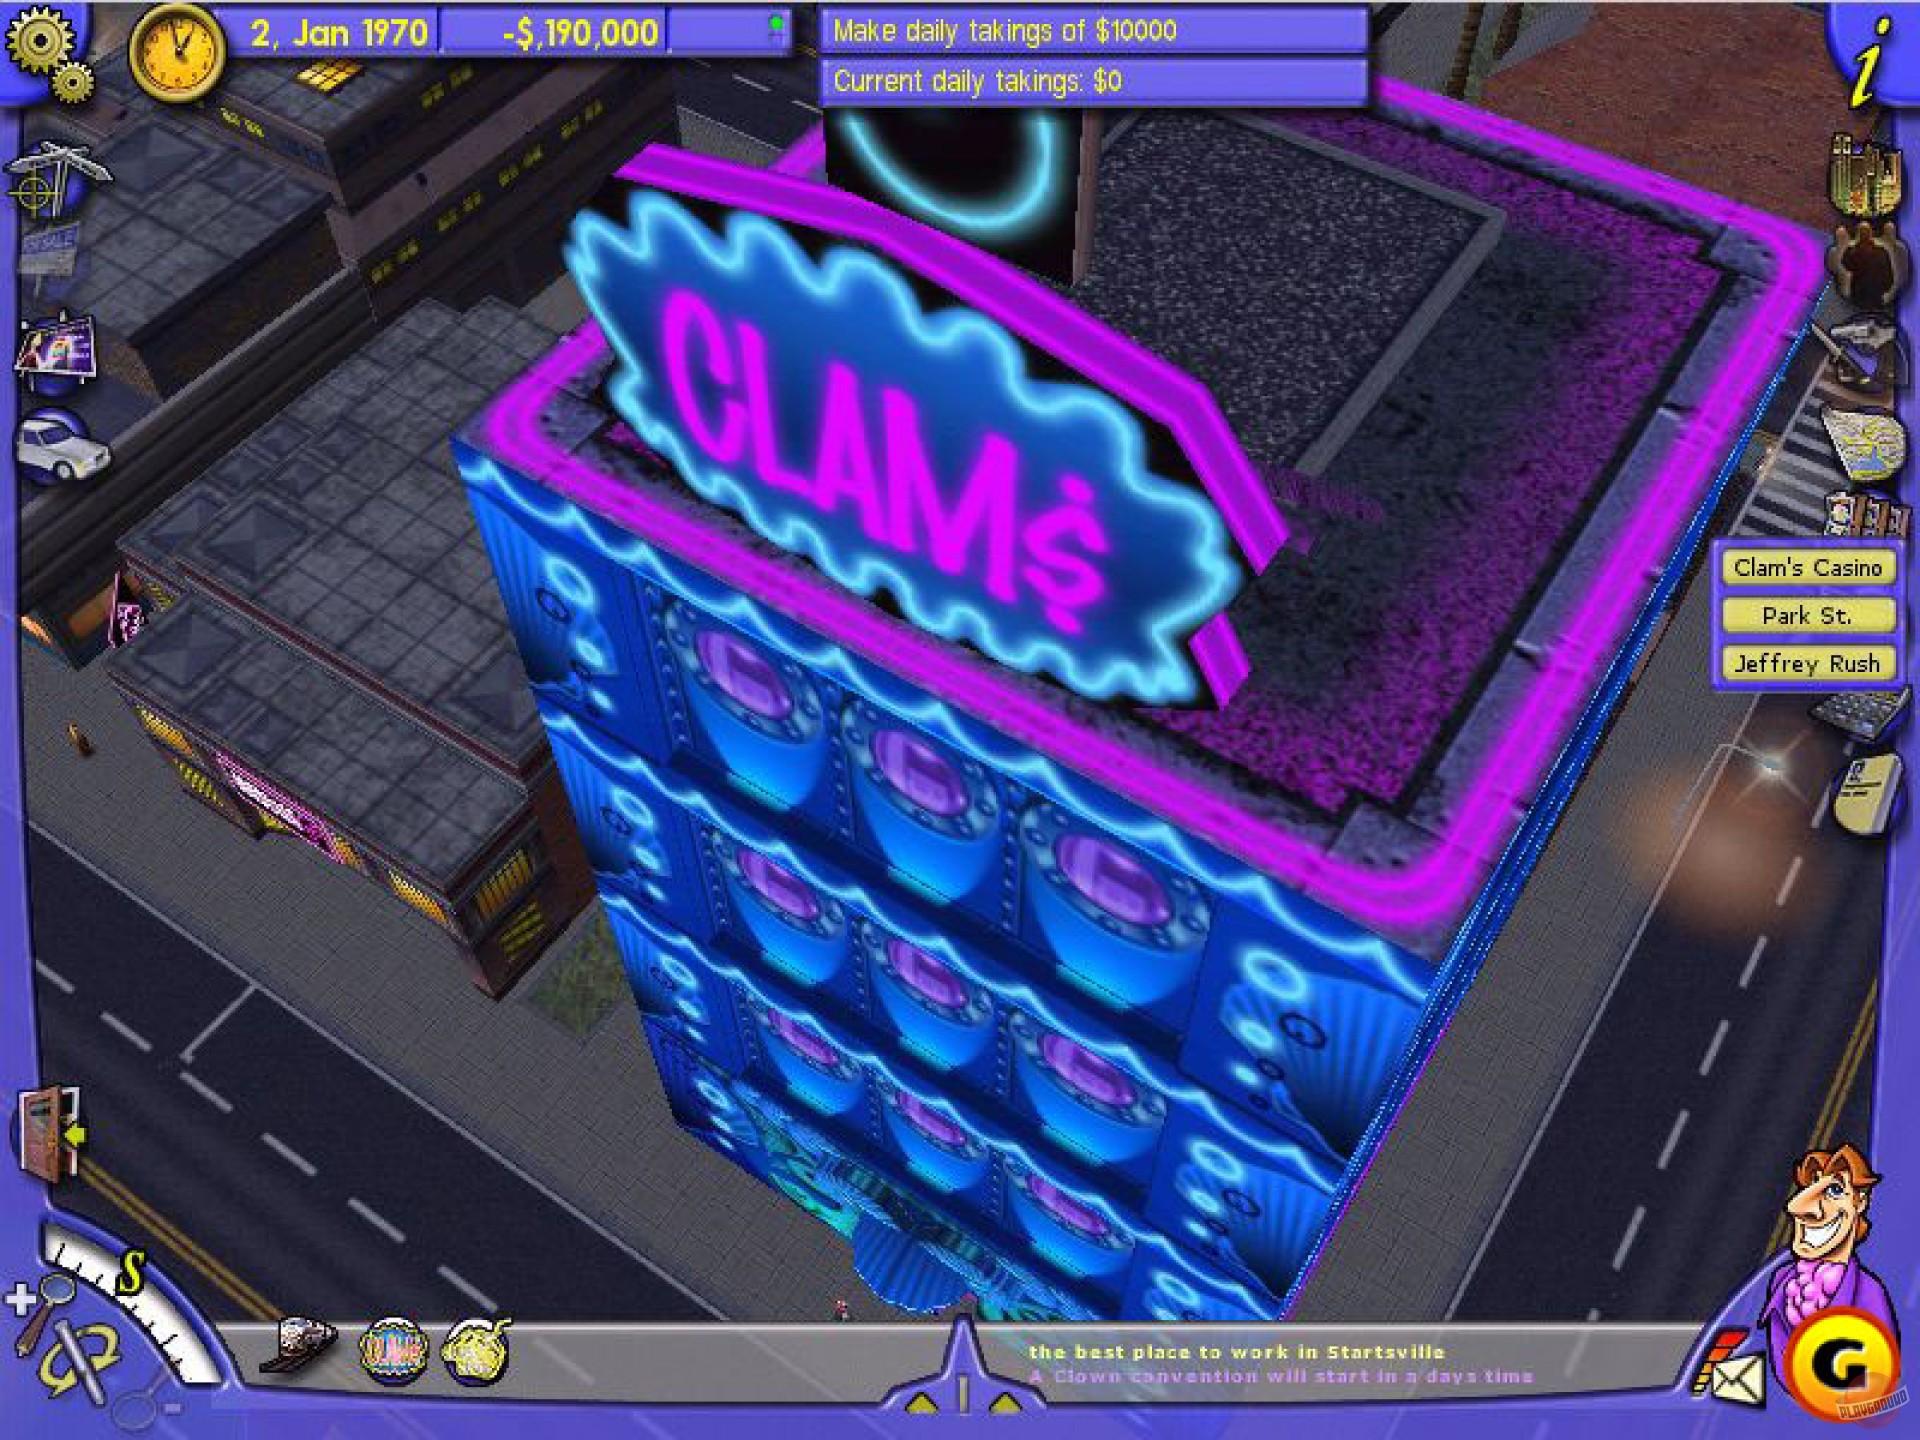 Играйте онлайн в азартные игры бесплатно подарок от казино Вулкан